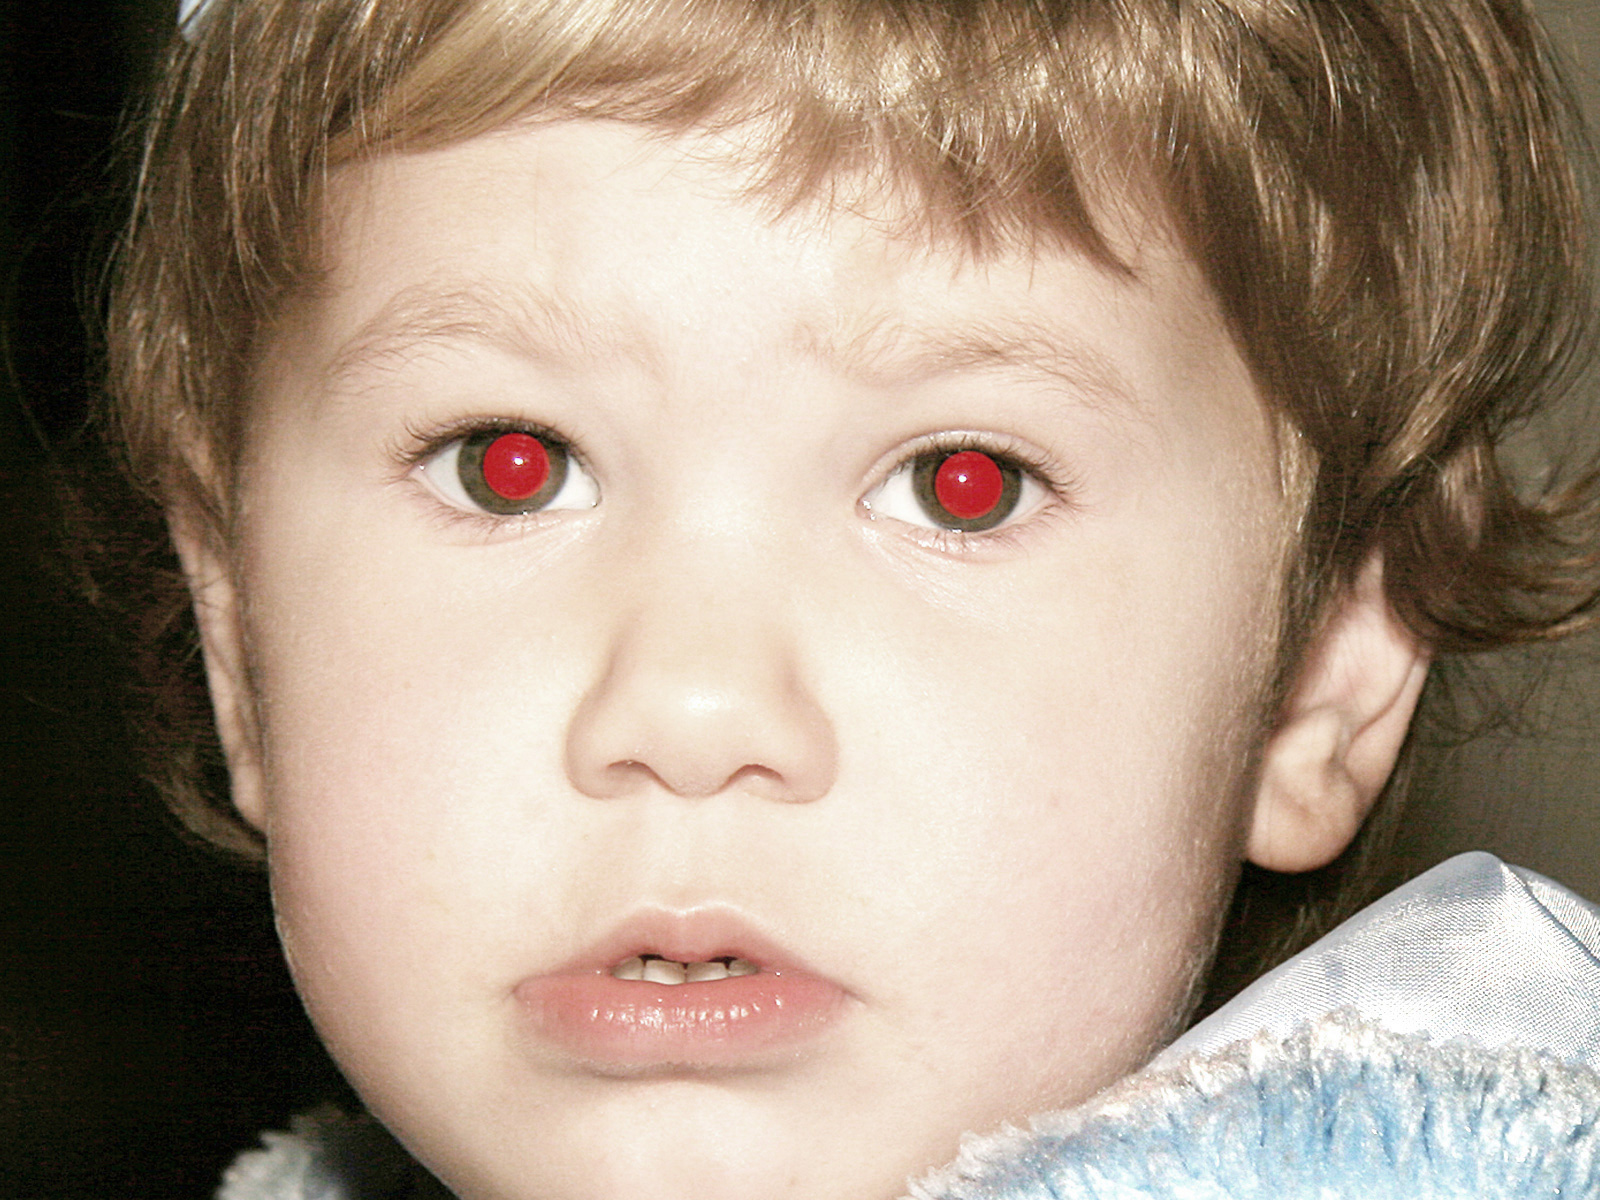 красные глаза у человека фото одно неоспоримое достоинство